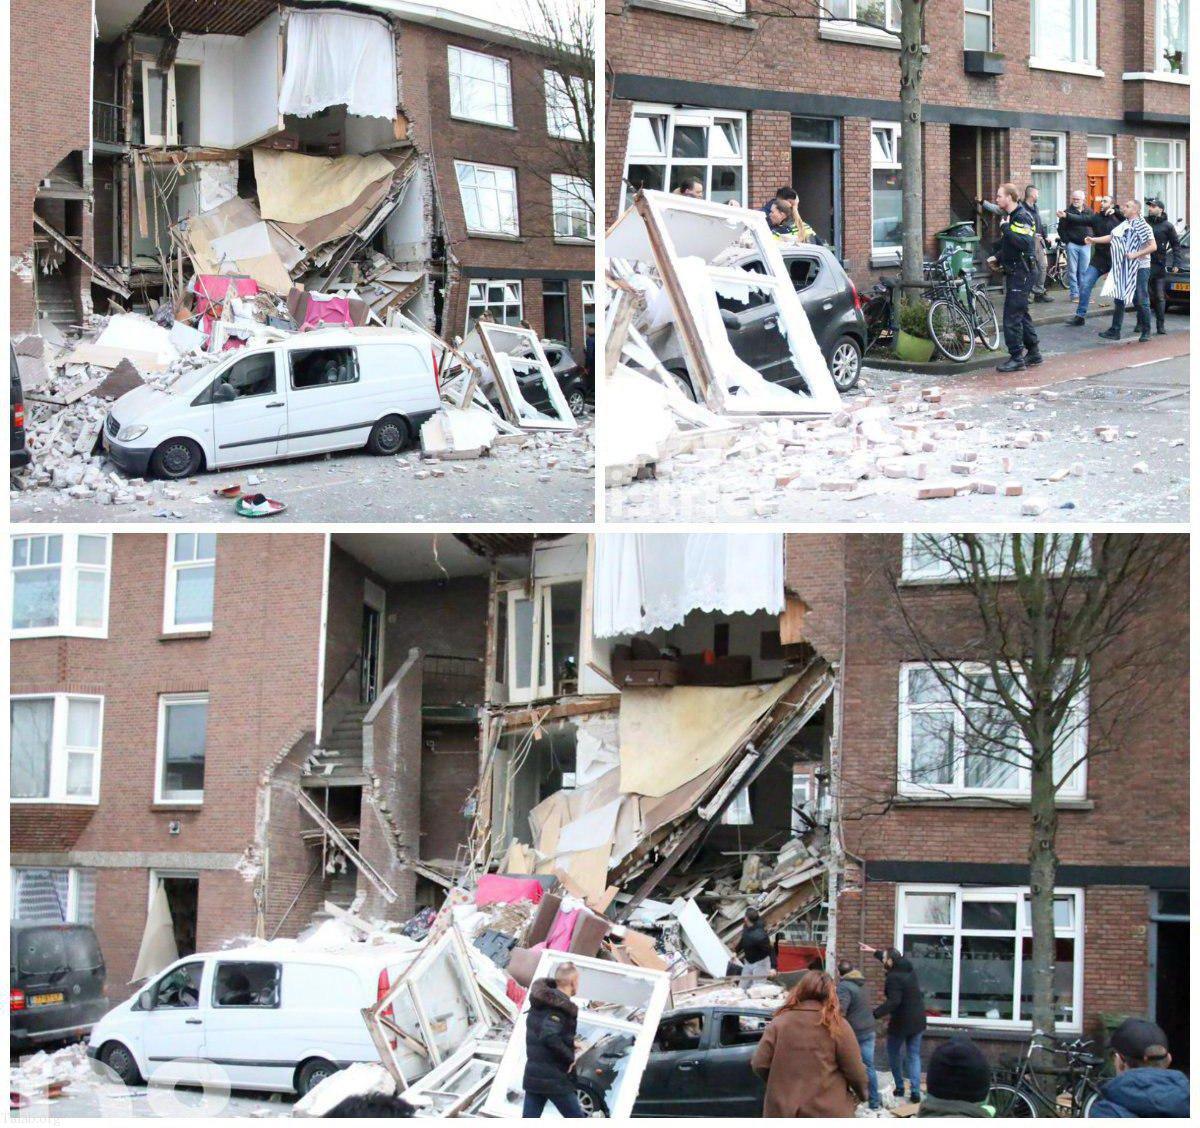 انفجار بزرگ خانه مسکونی در لاهه هلند (عکس)